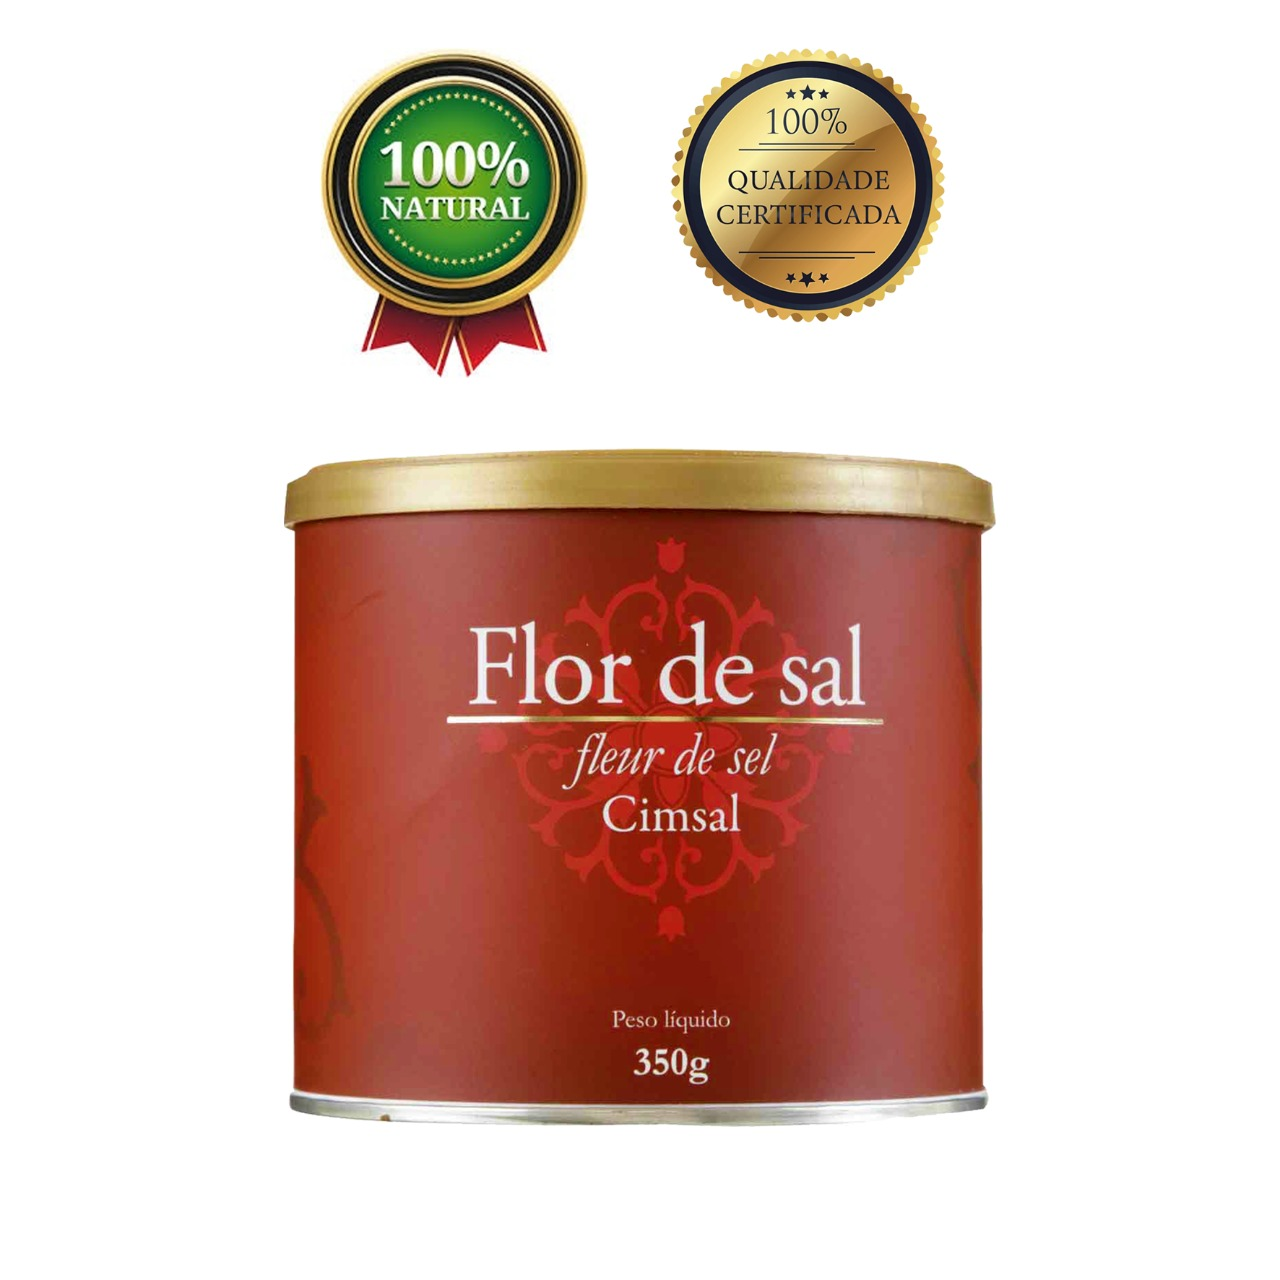 Flor De Sal 350g - Kit com 10 unidades